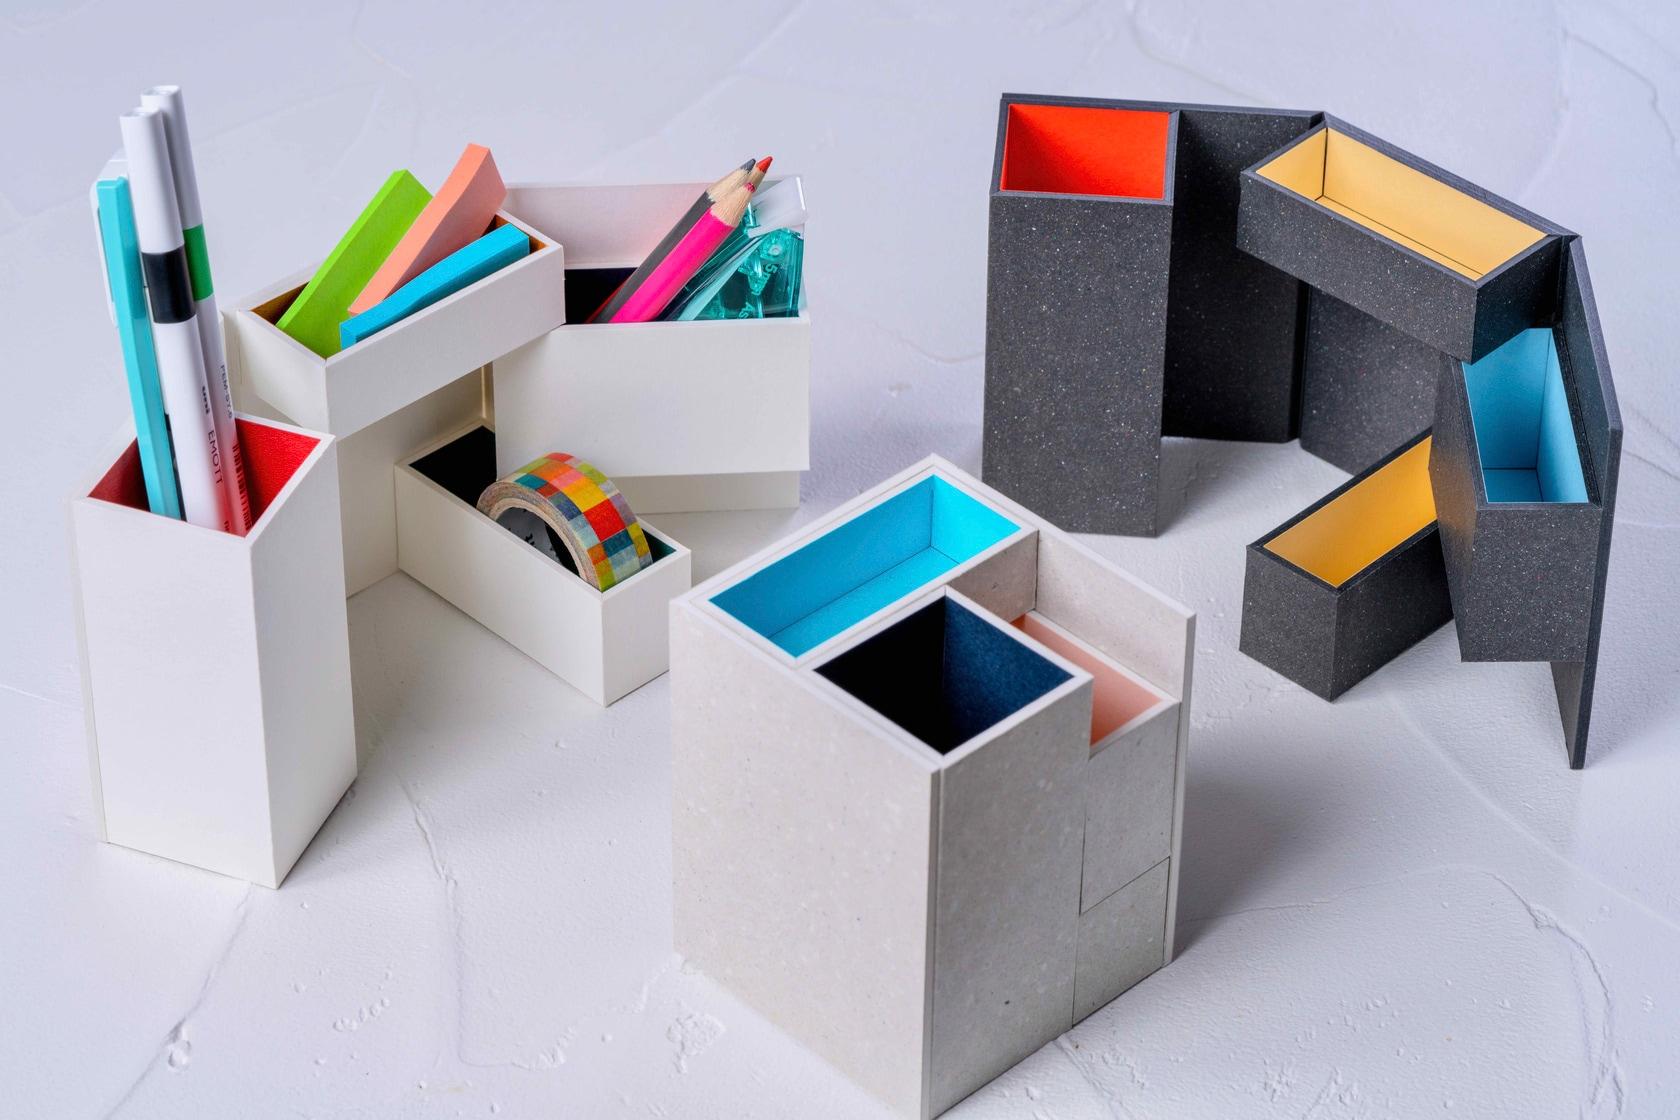 通販・お取り寄せ紙箱の収納ボックス,モリタのMiNiMuM Space BOX-1,札幌スタイル認証製品